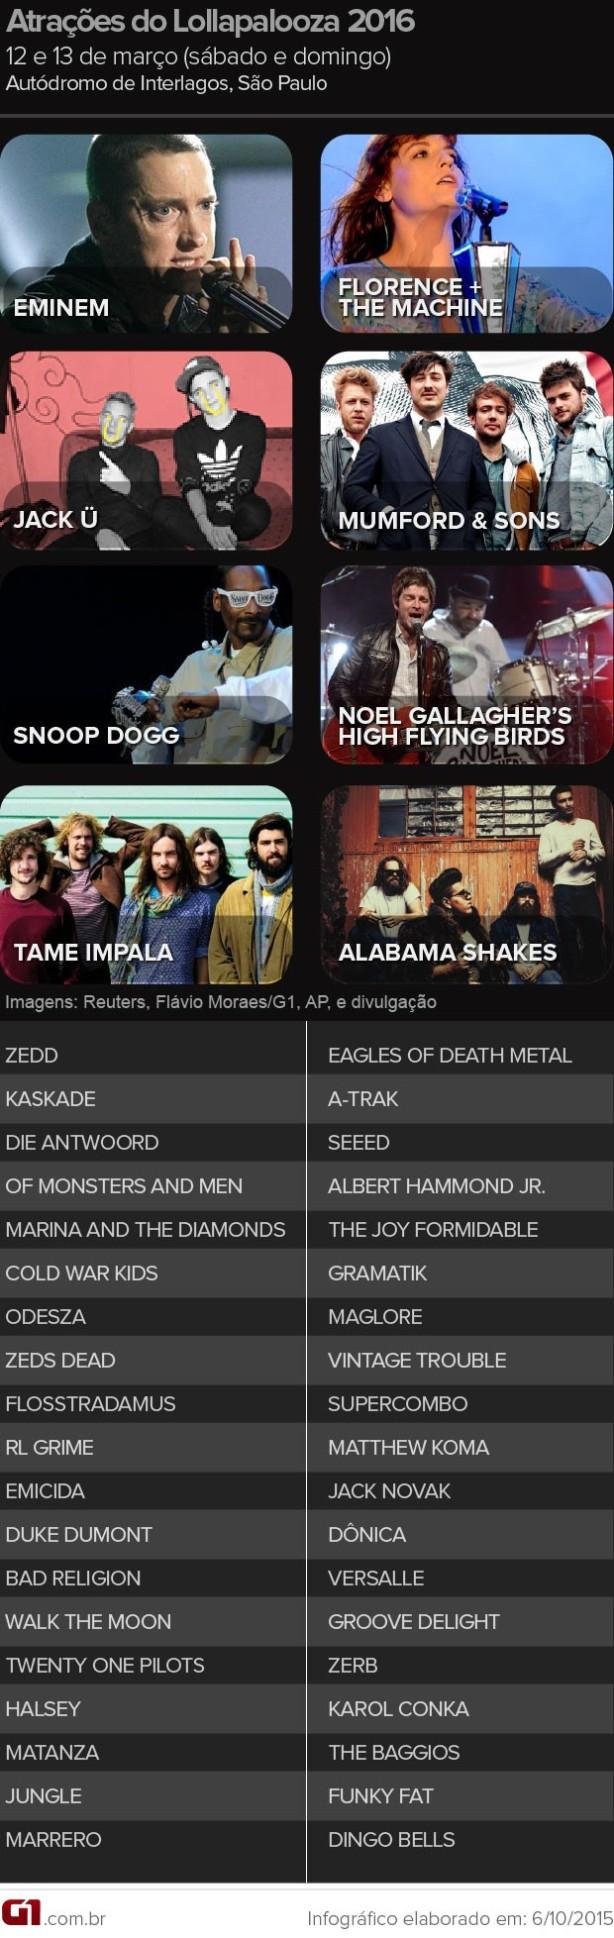 lollapalooza-2016-eminem-florence-mumford-sons-tame-impala-alabama-shakes